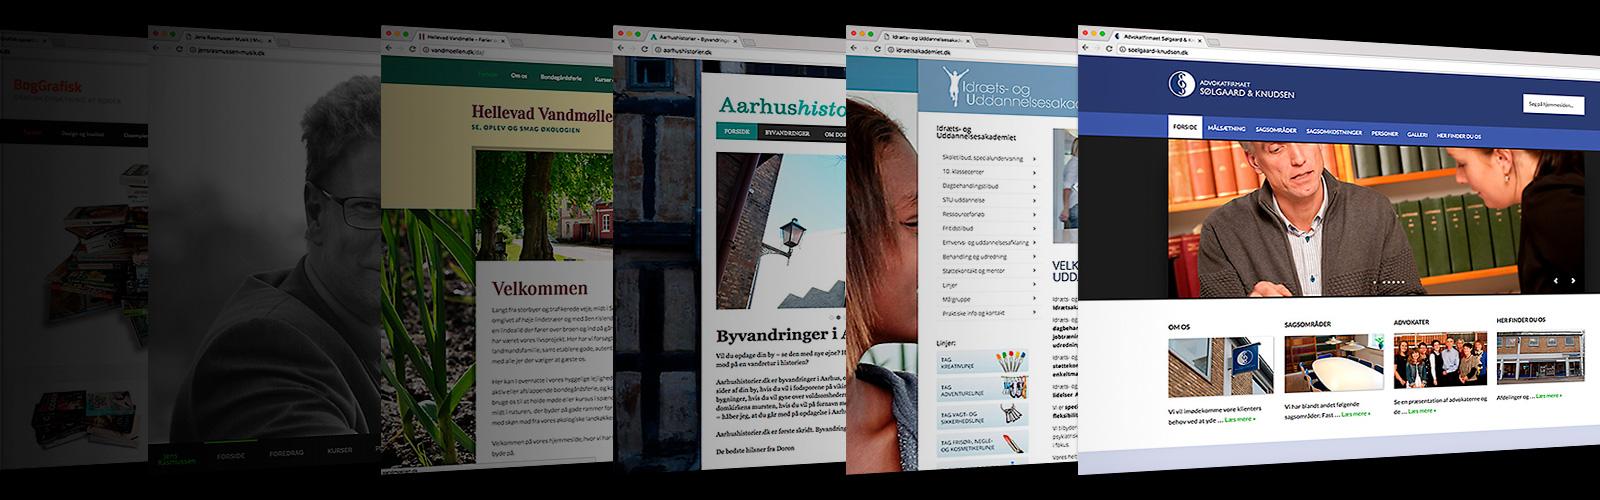 Grafisk design og implementering af hjemmesider, ph7 kommunikation